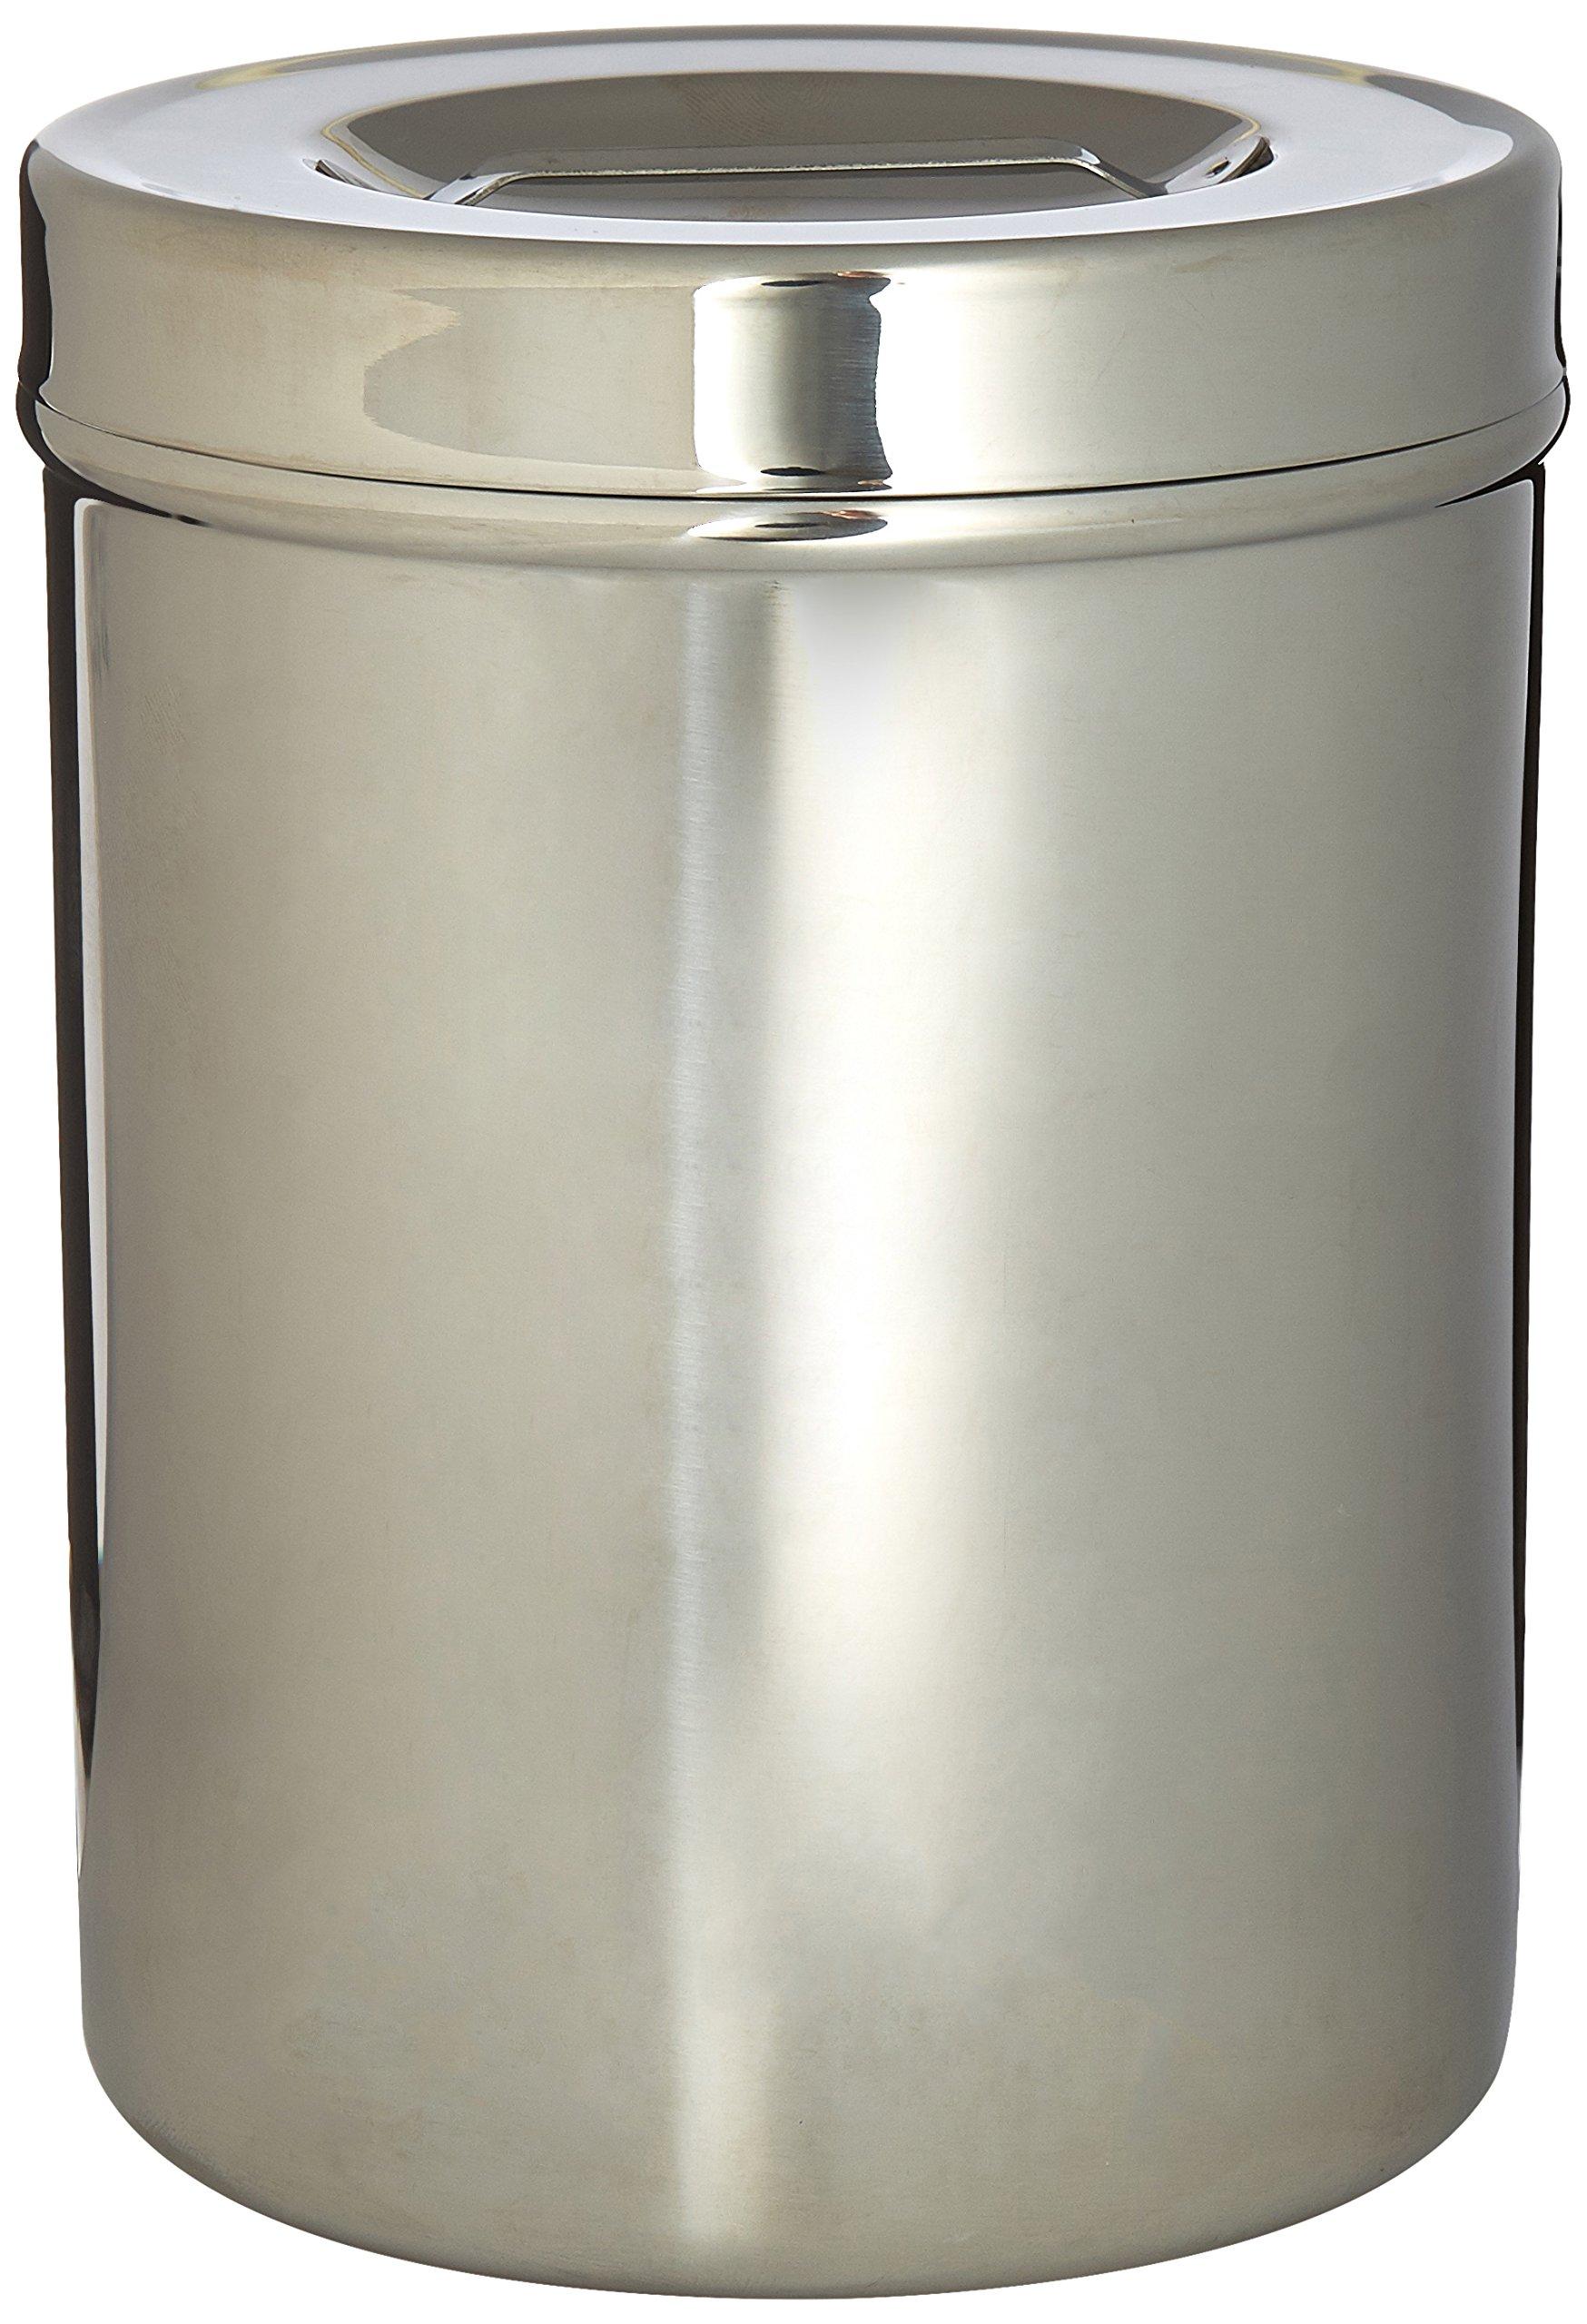 Graham-Field 3233 Dressing Jar, 2 1/8 quart, 6 7/8'' x 4 7/8''